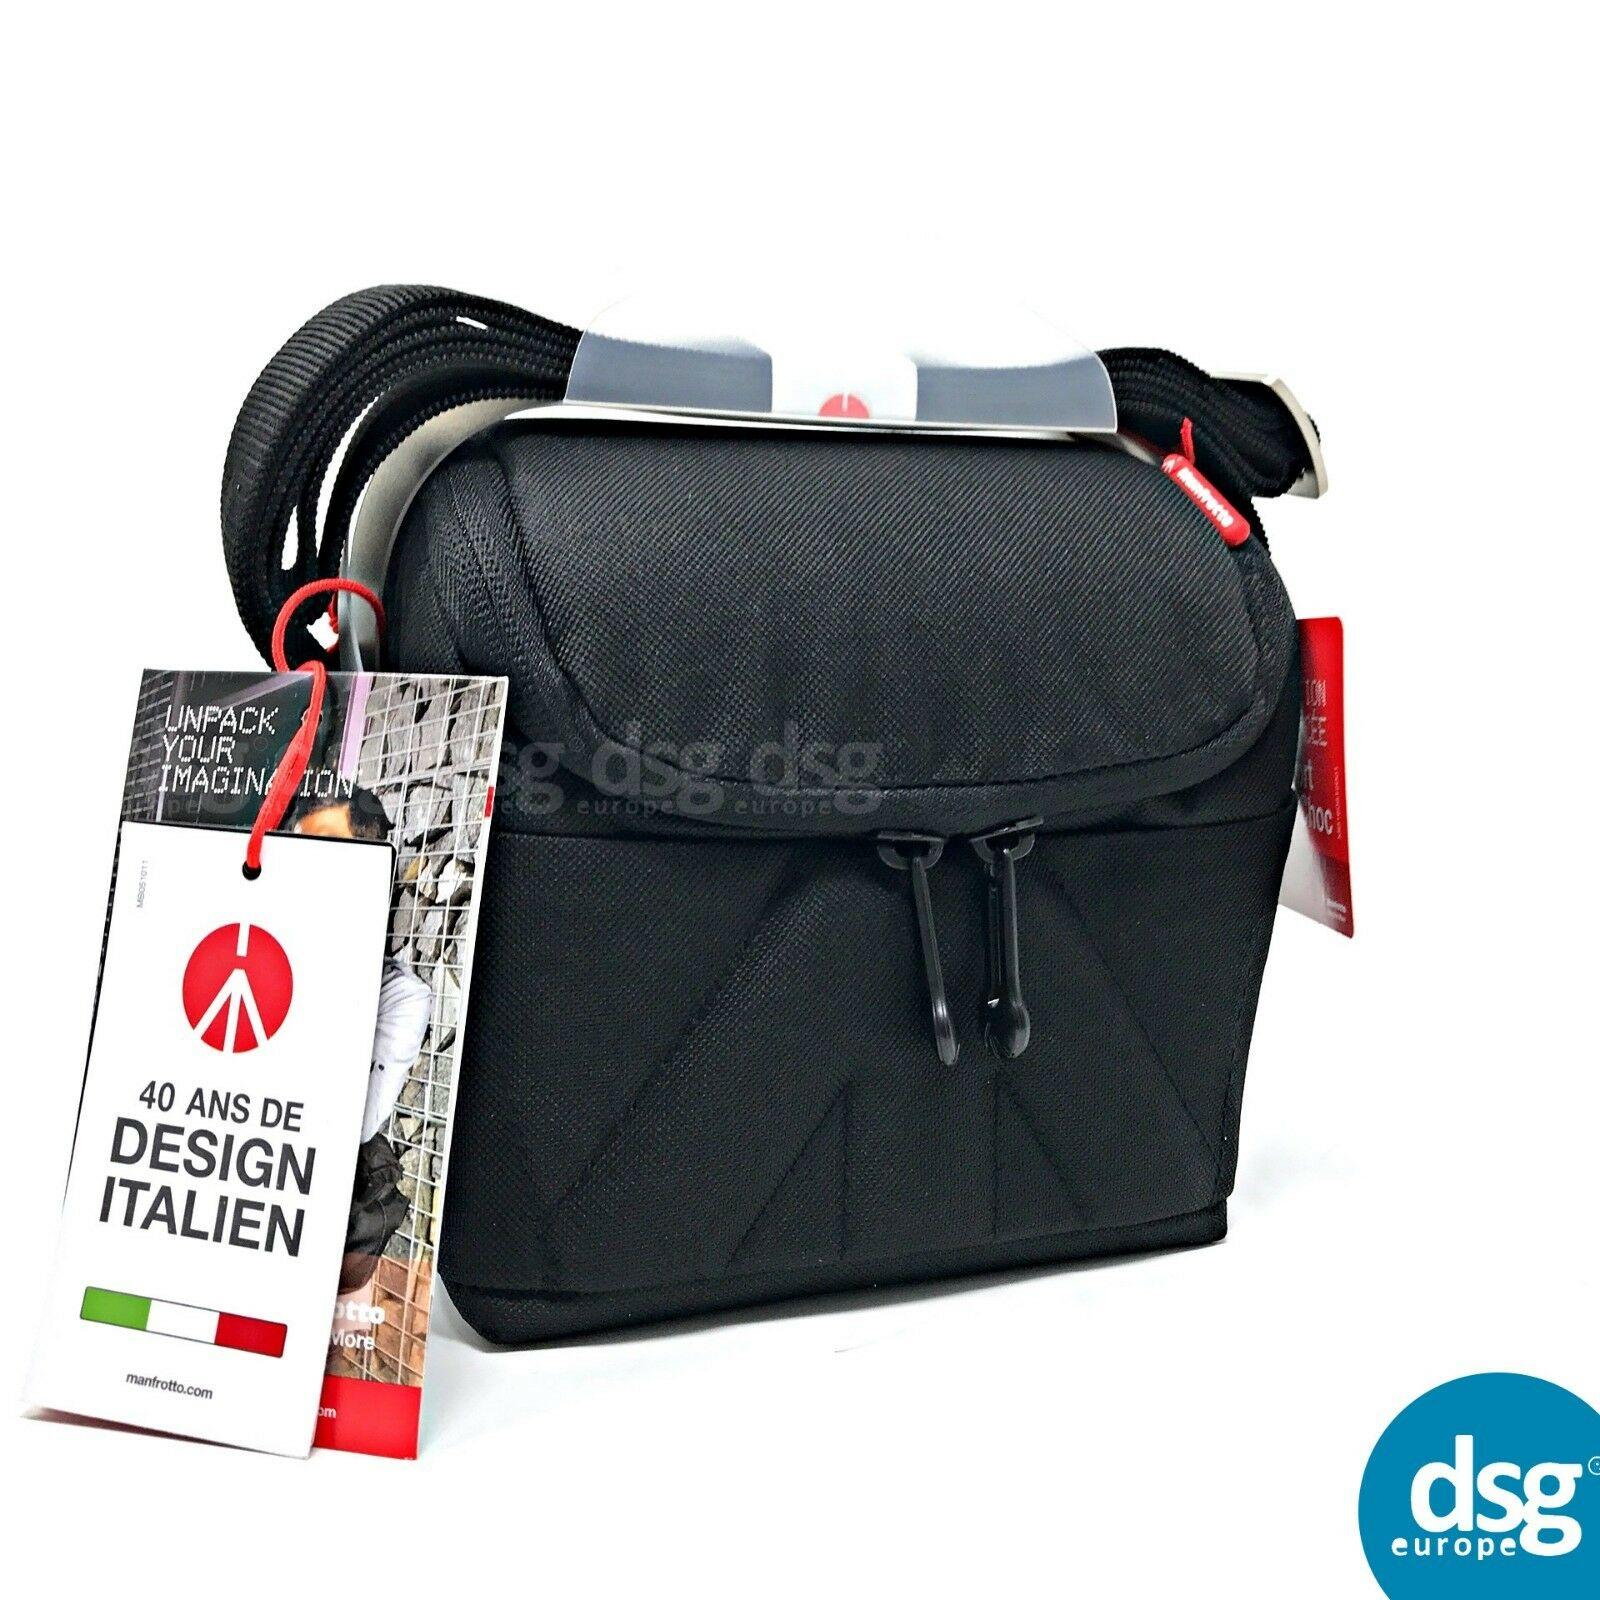 Manfrotto Amica 10 Shoulder Bag Camera Bag - Black For DSLR / MICRO / LENSES £7.99 at dsg_outlet/ebay